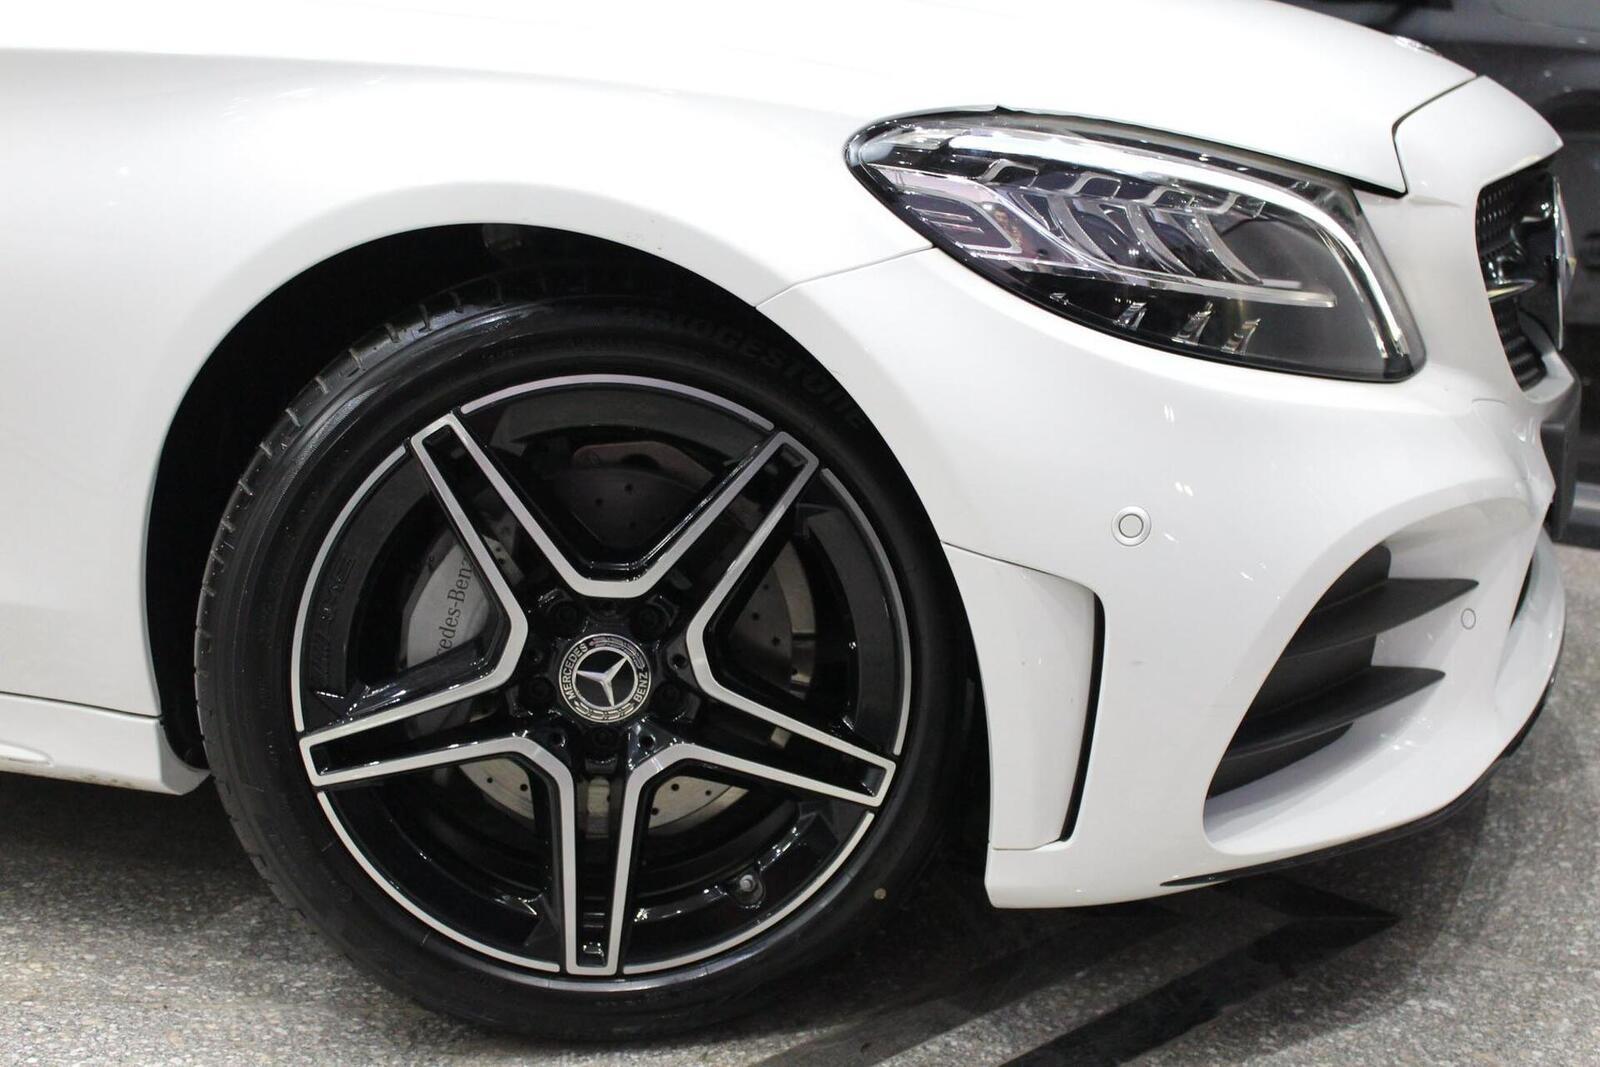 Sau Malaysia, Mercedes-Benz Việt Nam sắp sửa giới thiệu C-Class 2019? - Hình 3